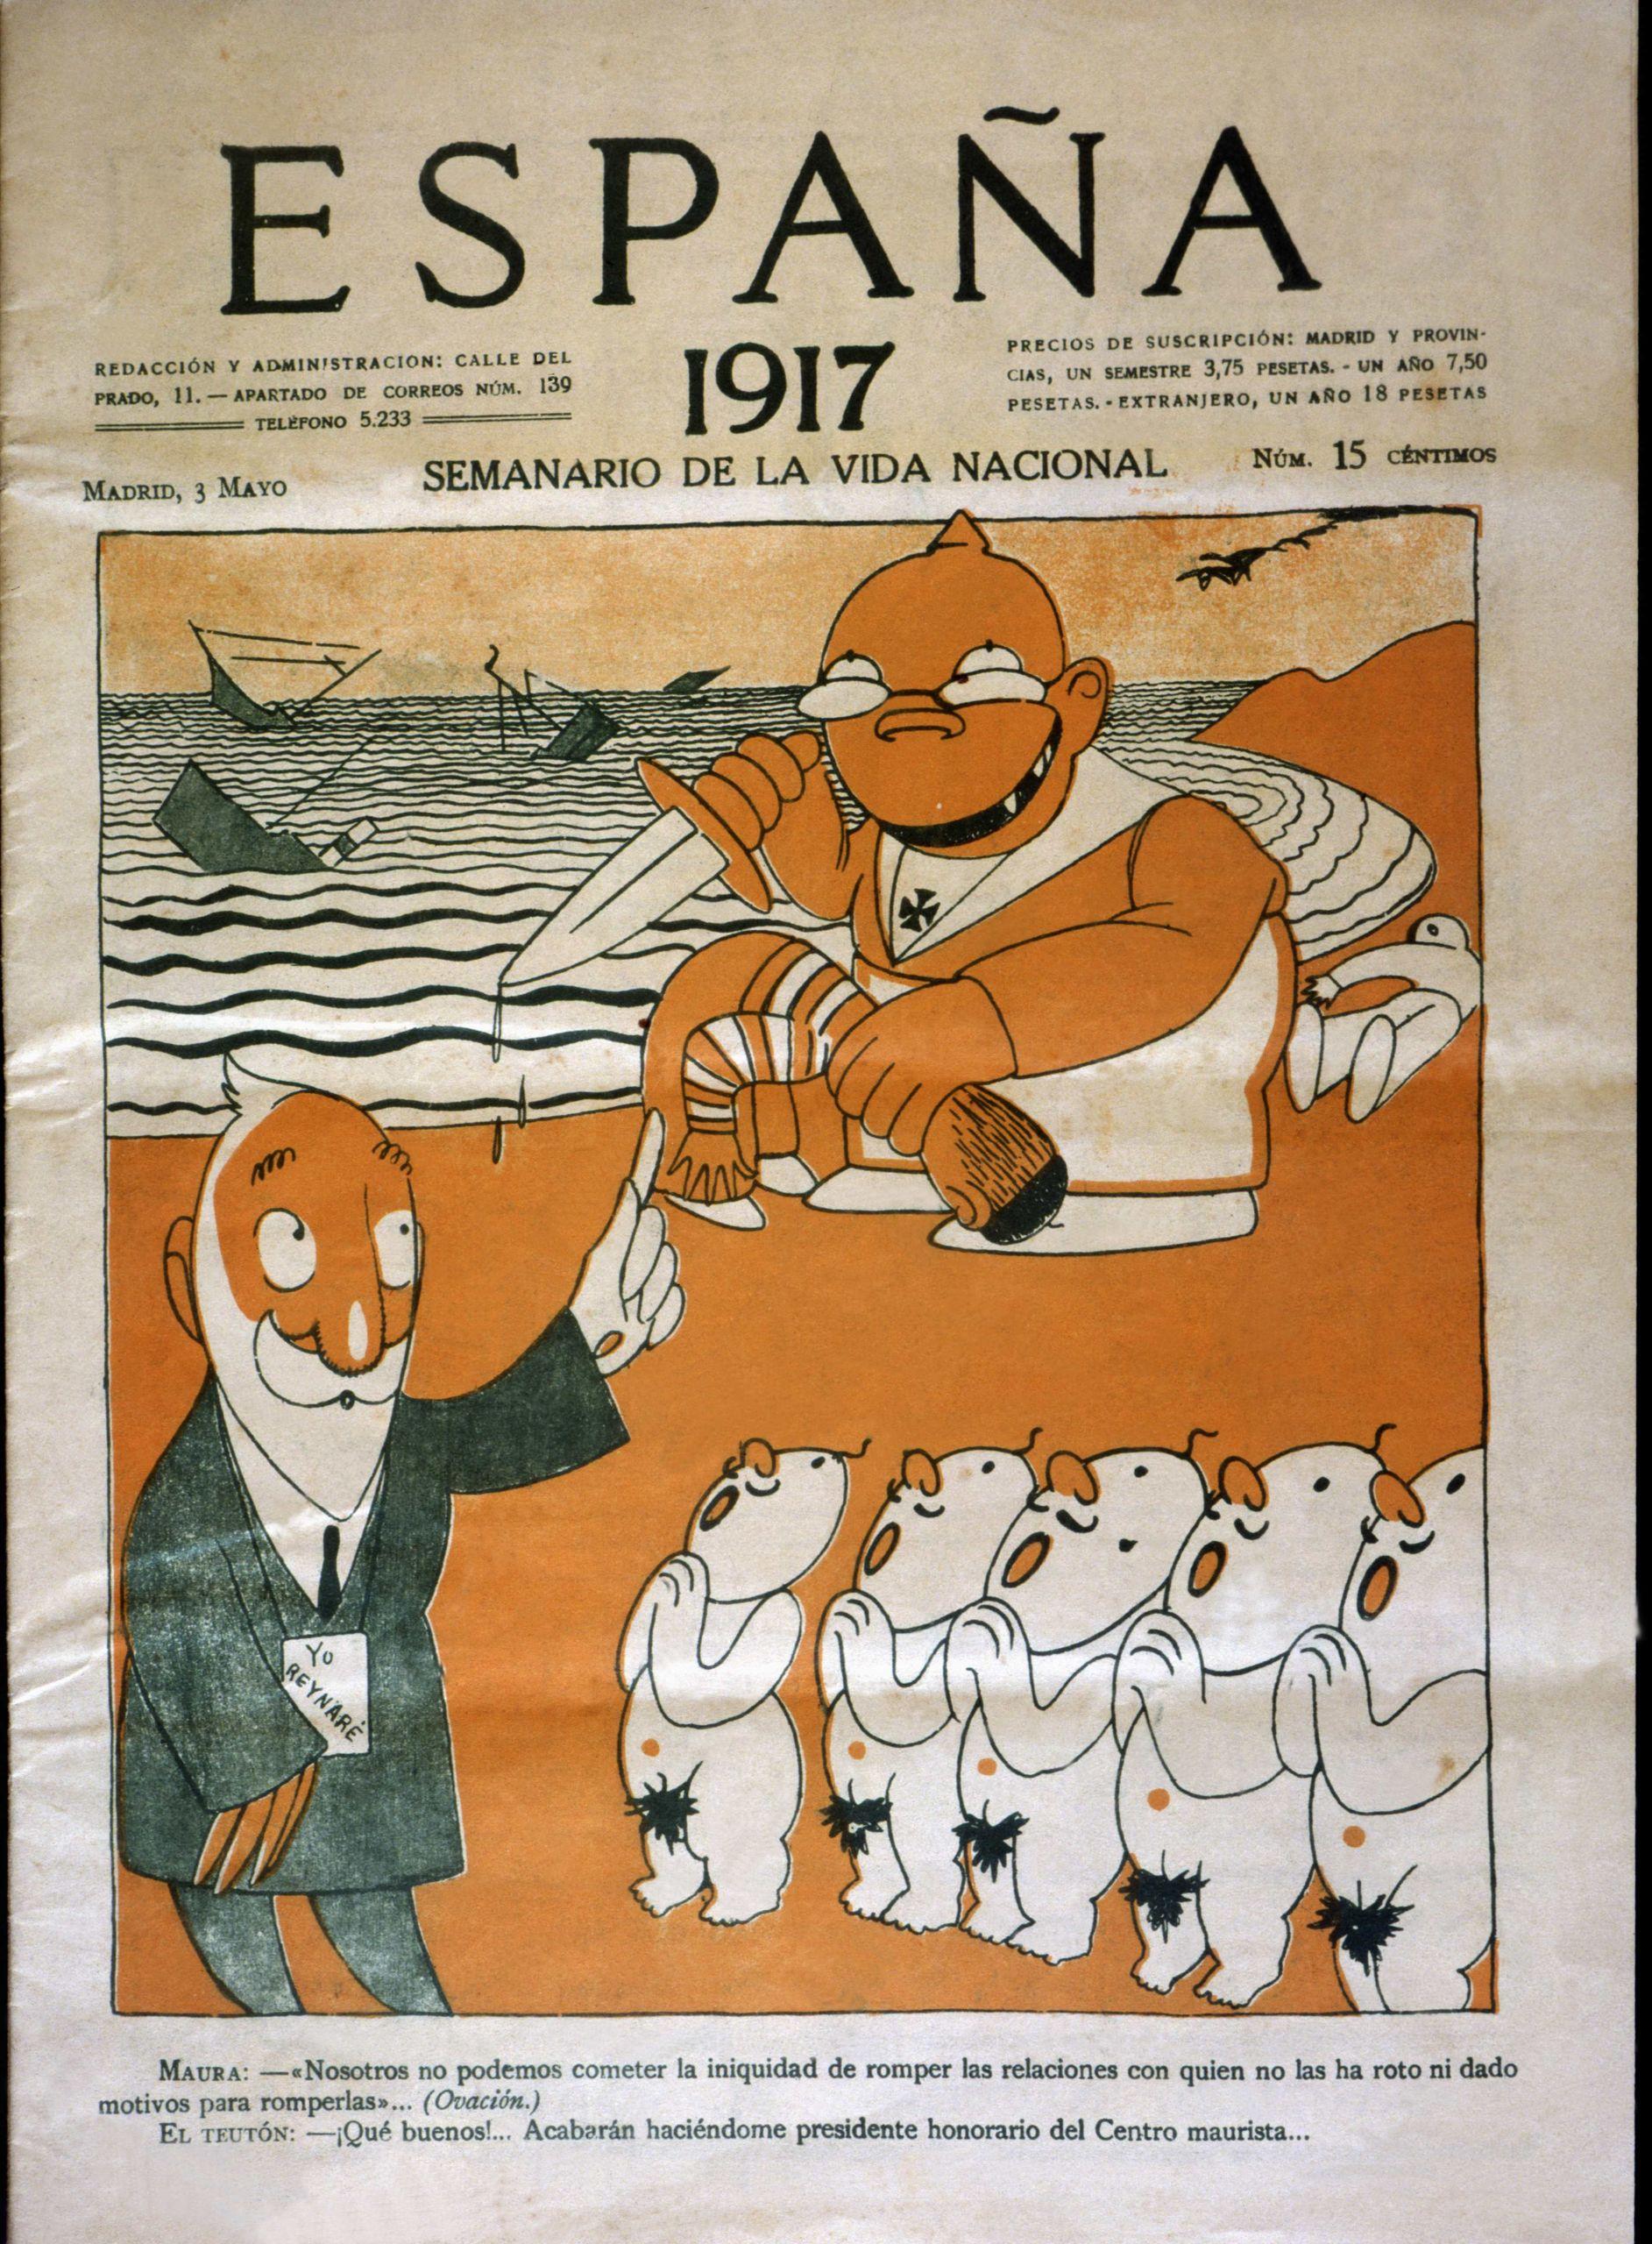 espana-1917.jpg